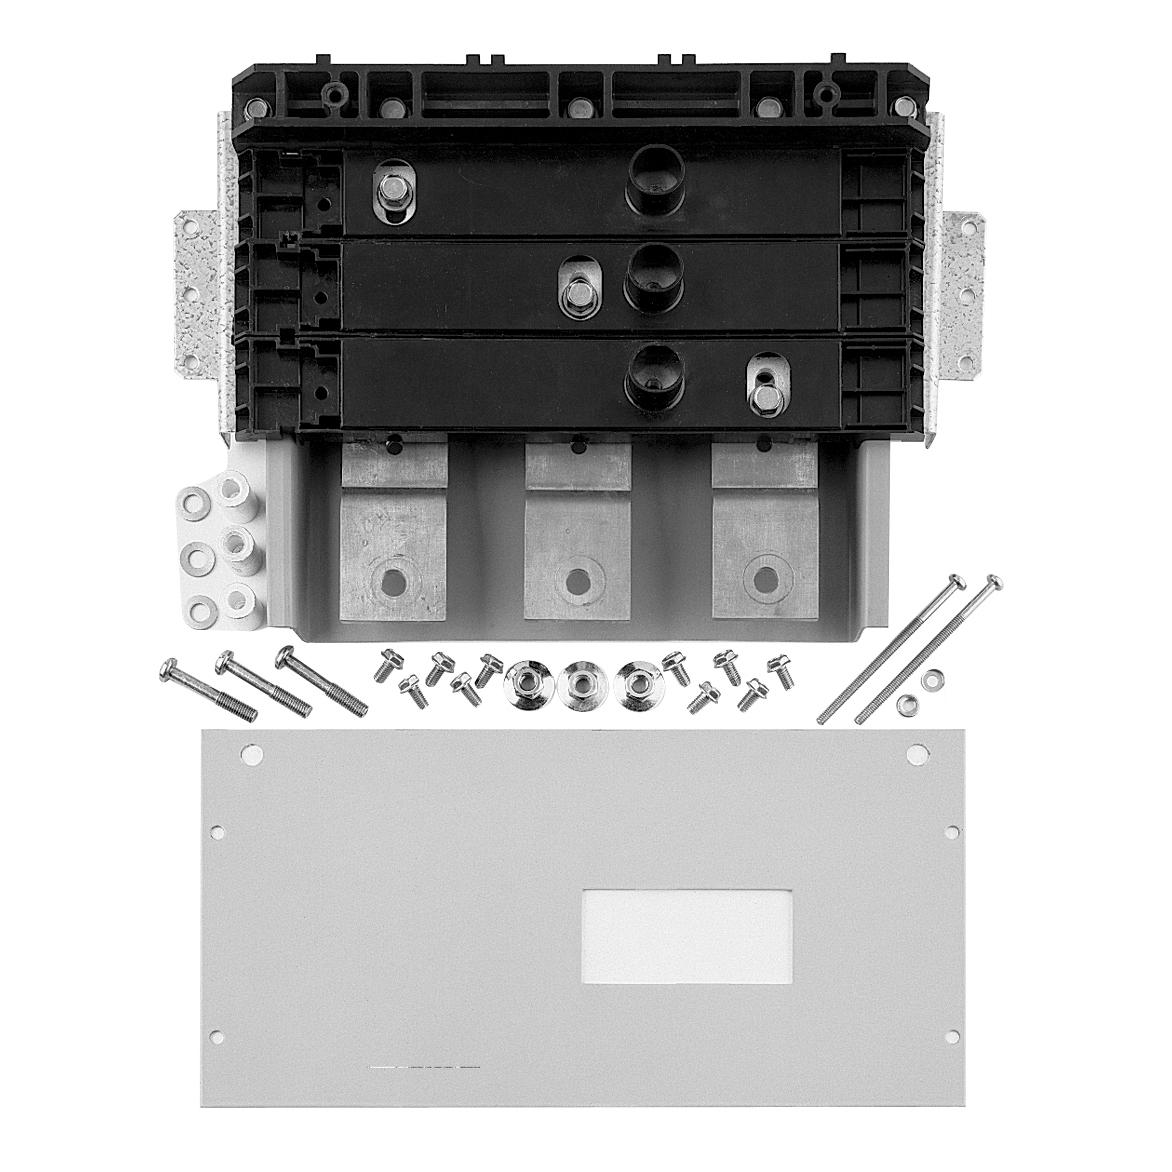 GE MB612